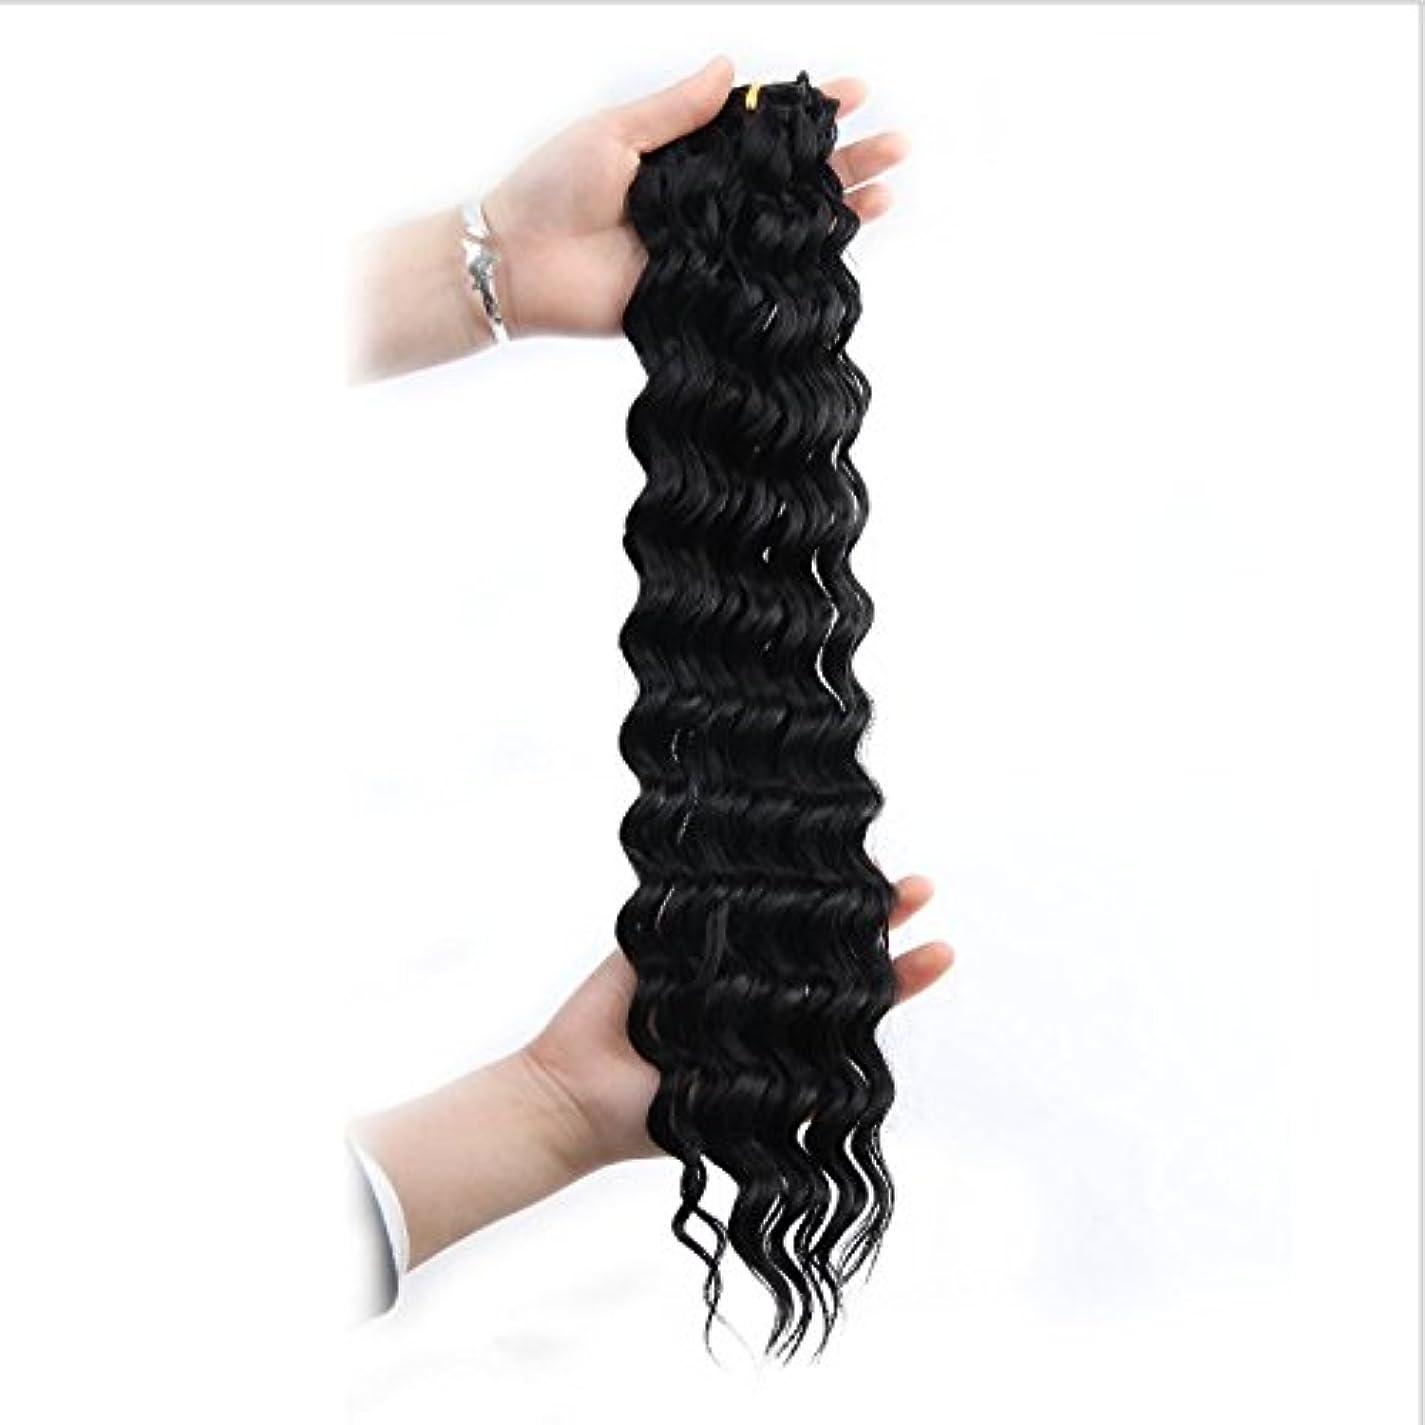 雄弁家丈夫真剣にJIANFU 70g / 100gブラウンの女性のための高温マットワイヤカーリーウィッグヘアカーテン18インチのロールヘアエクステンションに10インチのナチュラルブラックウィッグ (サイズ : 20inch(70g))